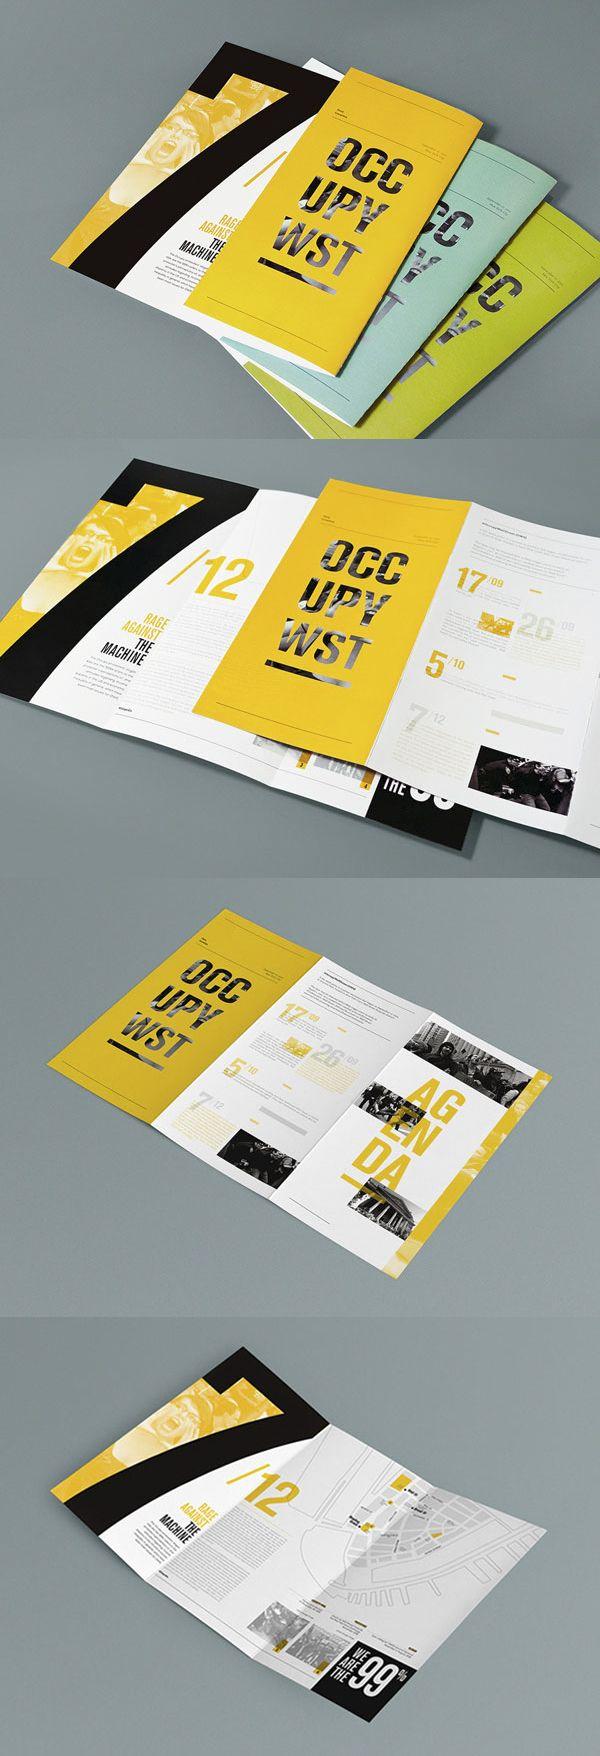 Foldout design